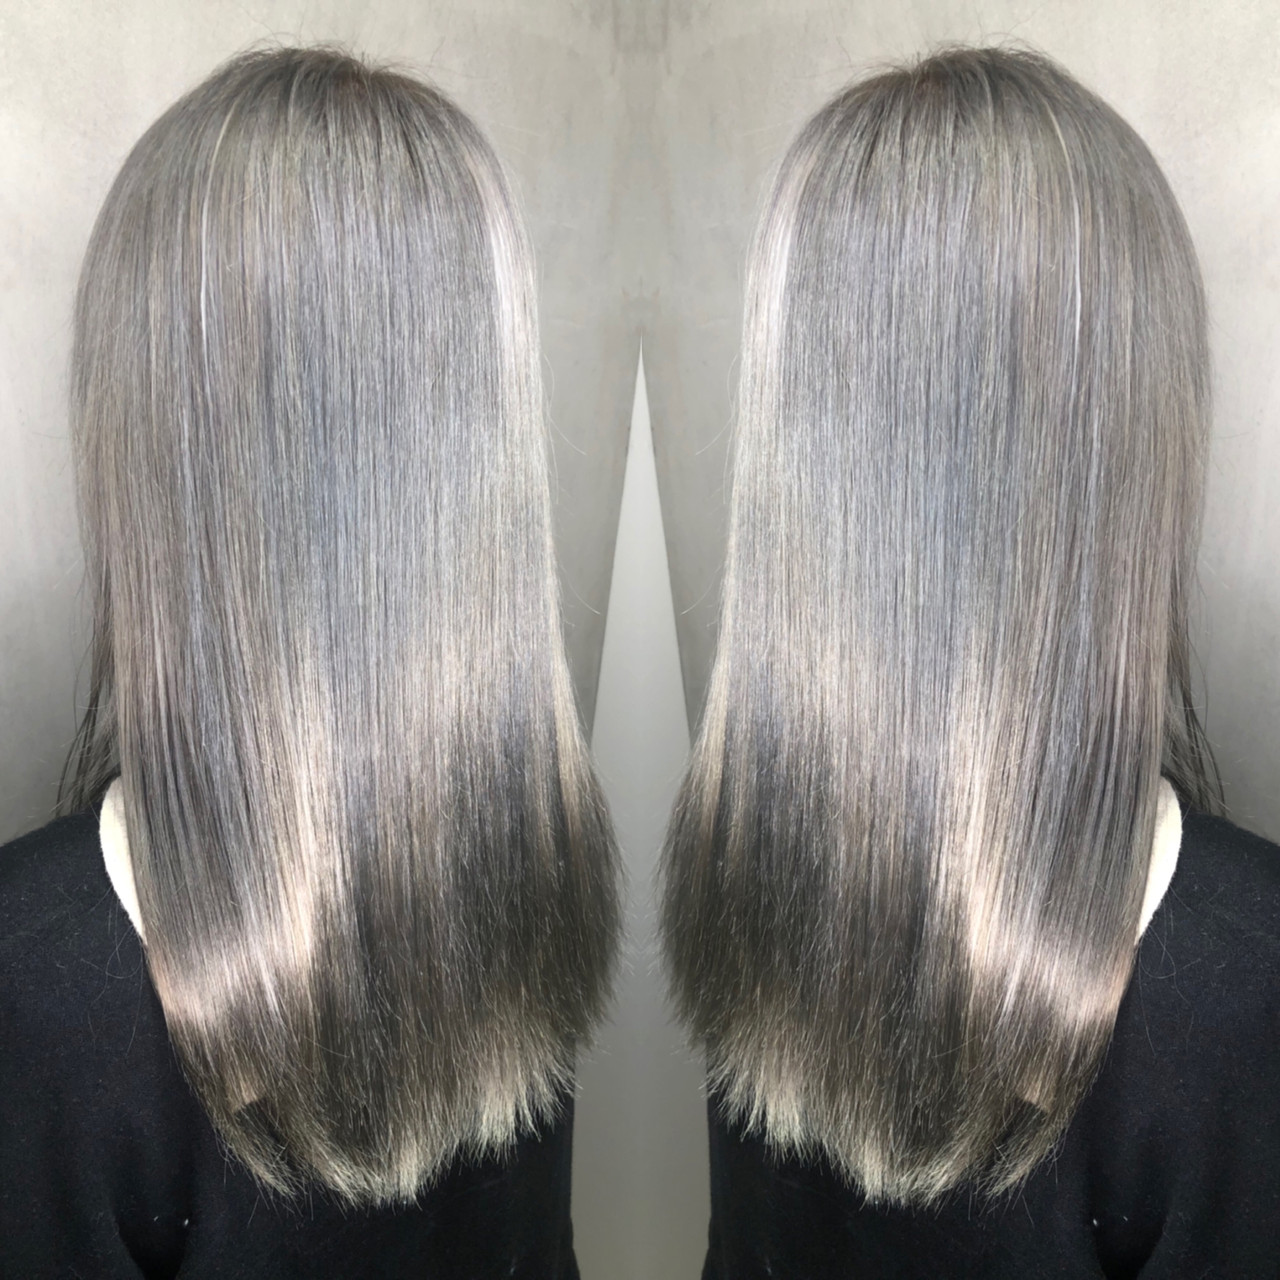 ストリート グレージュ ロング 外国人風カラー ヘアスタイルや髪型の写真・画像